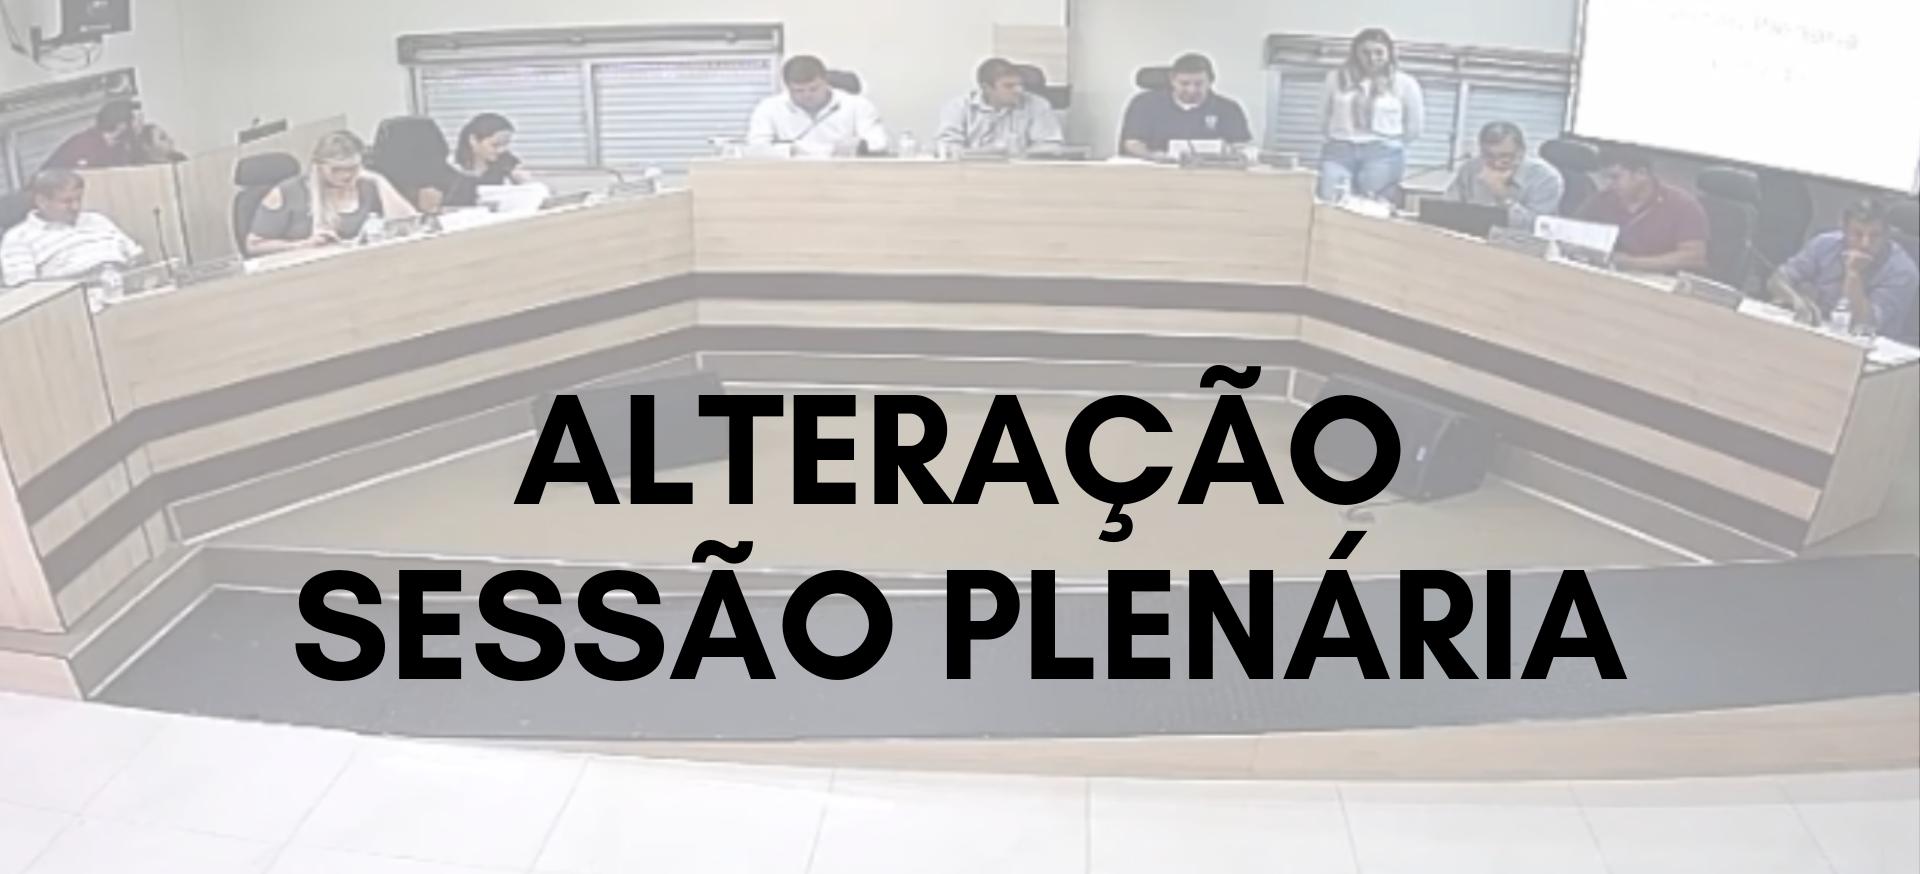 Alteração de horário da Sessão Plenária de 12 de março de 2019